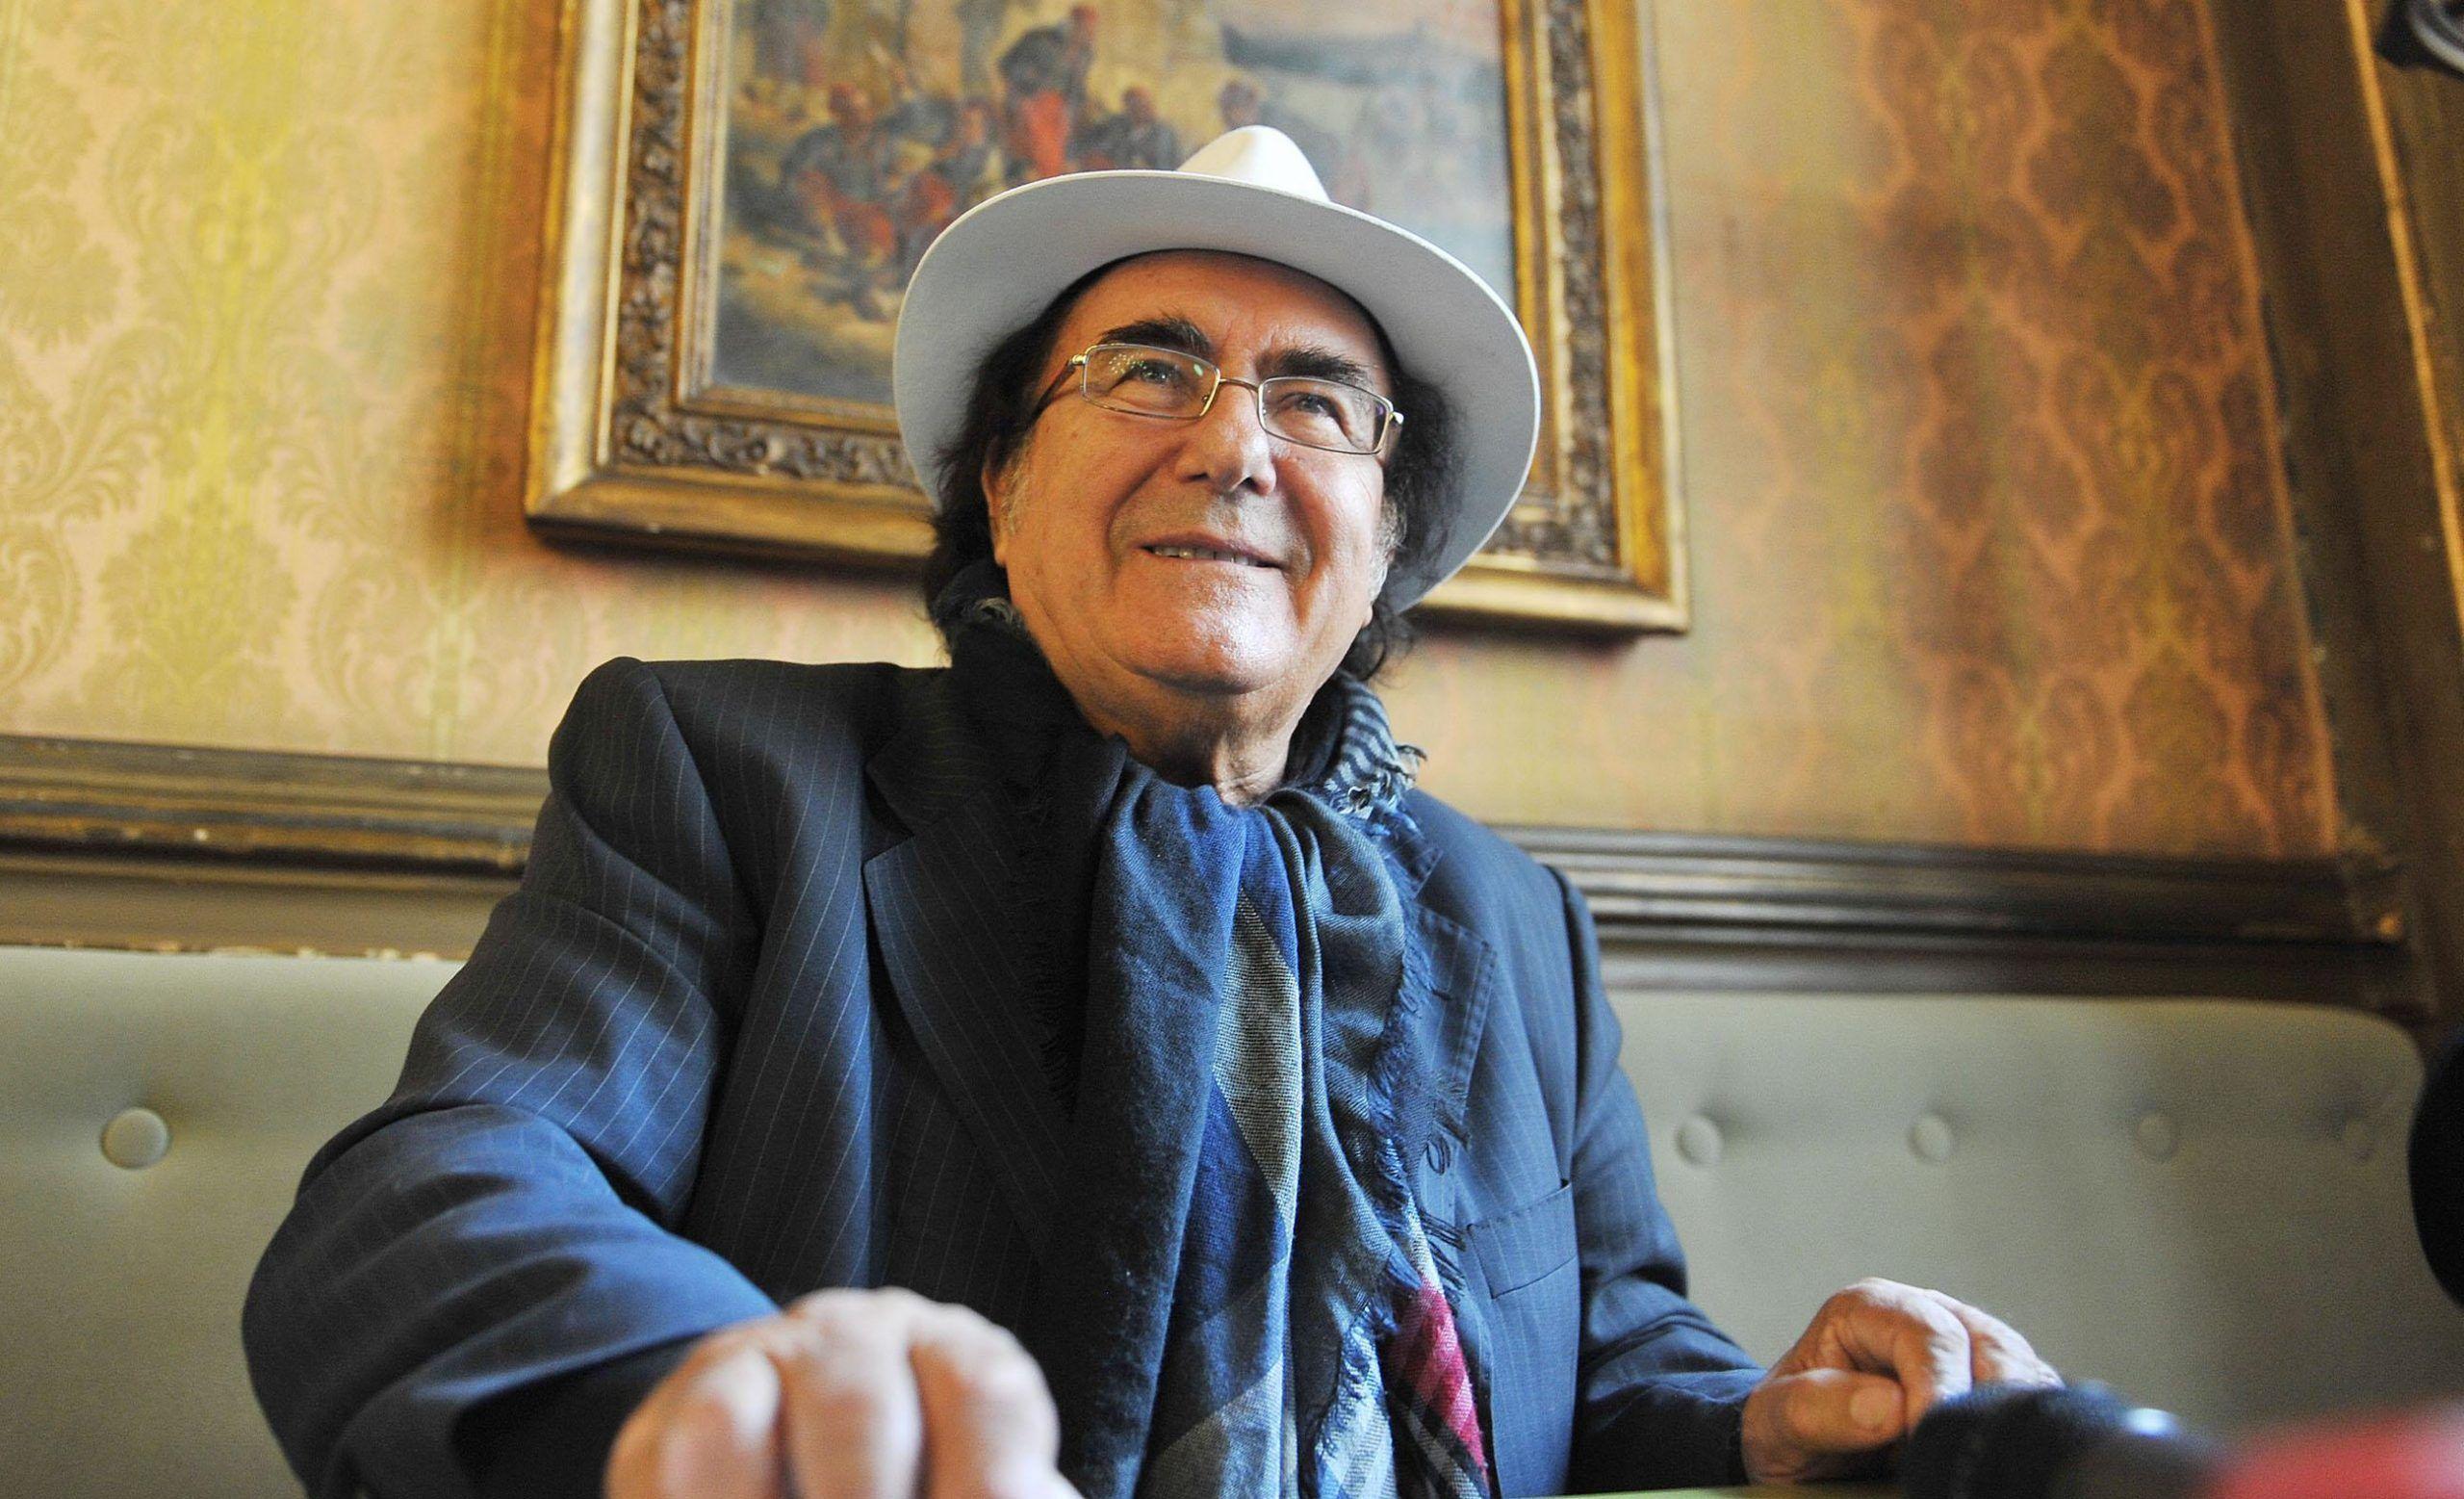 Al Bano canta l'inno al Gp di Monza, critiche sui social